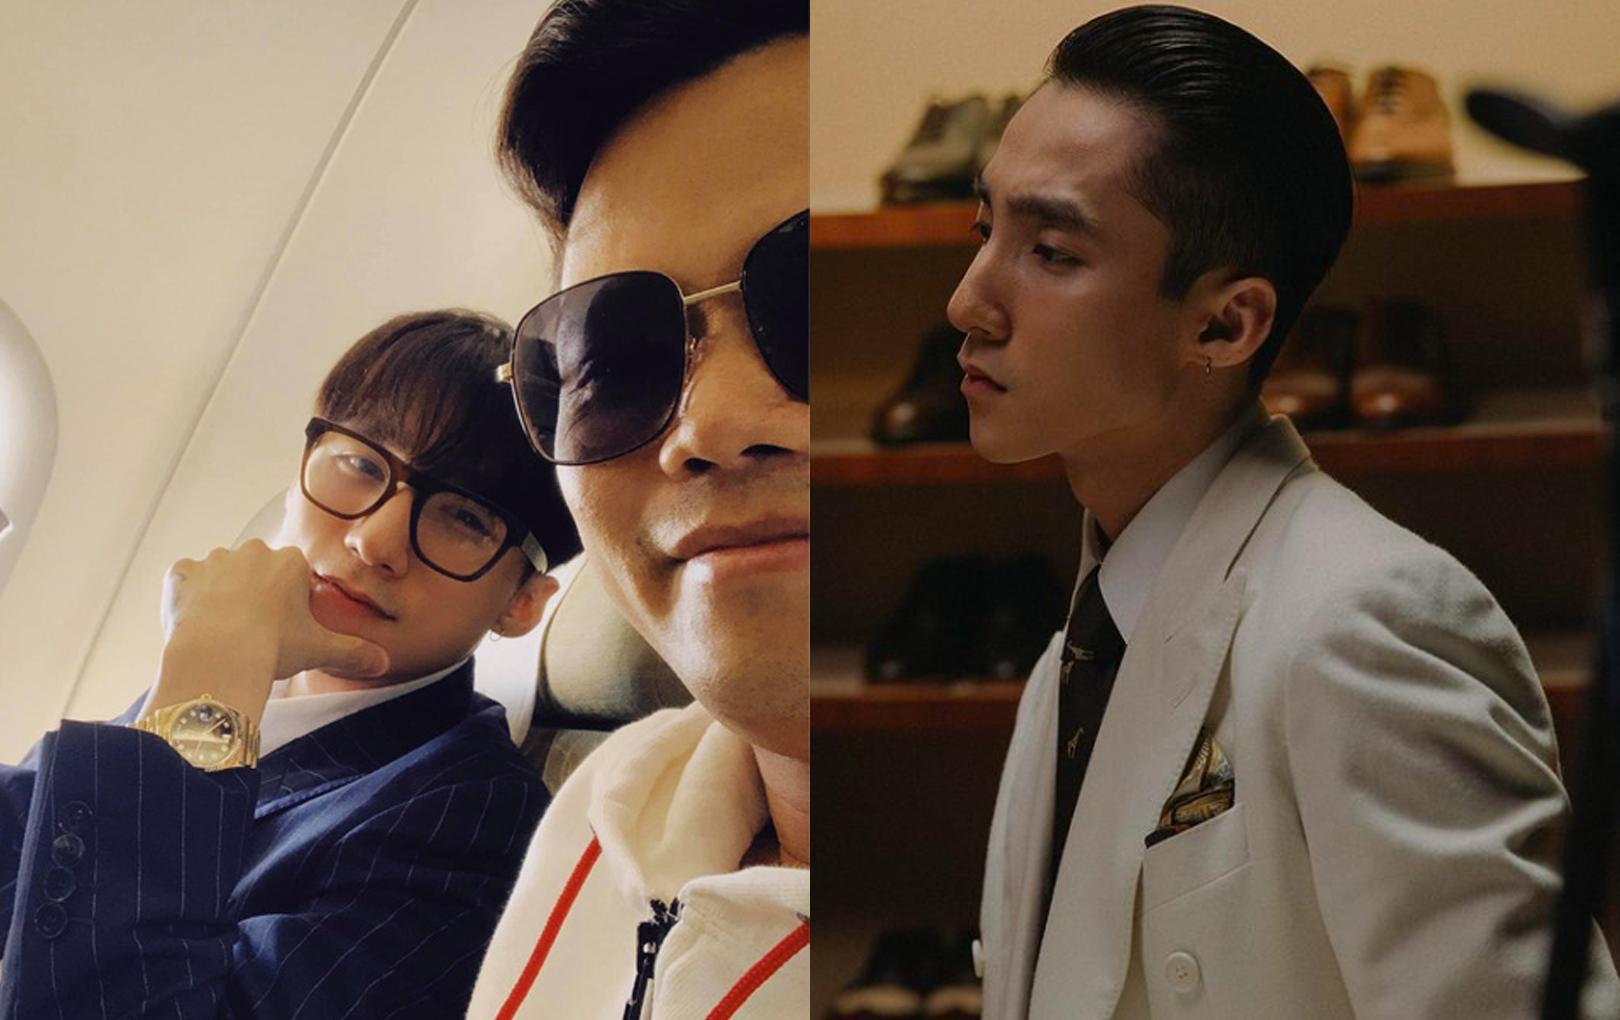 CEO M-TP Entertainment ngẫu hứng làm thơ, ai ngờ vô tình làm lộ kế hoạch 2021 của Sơn Tùng M-TP và Kay Trần?